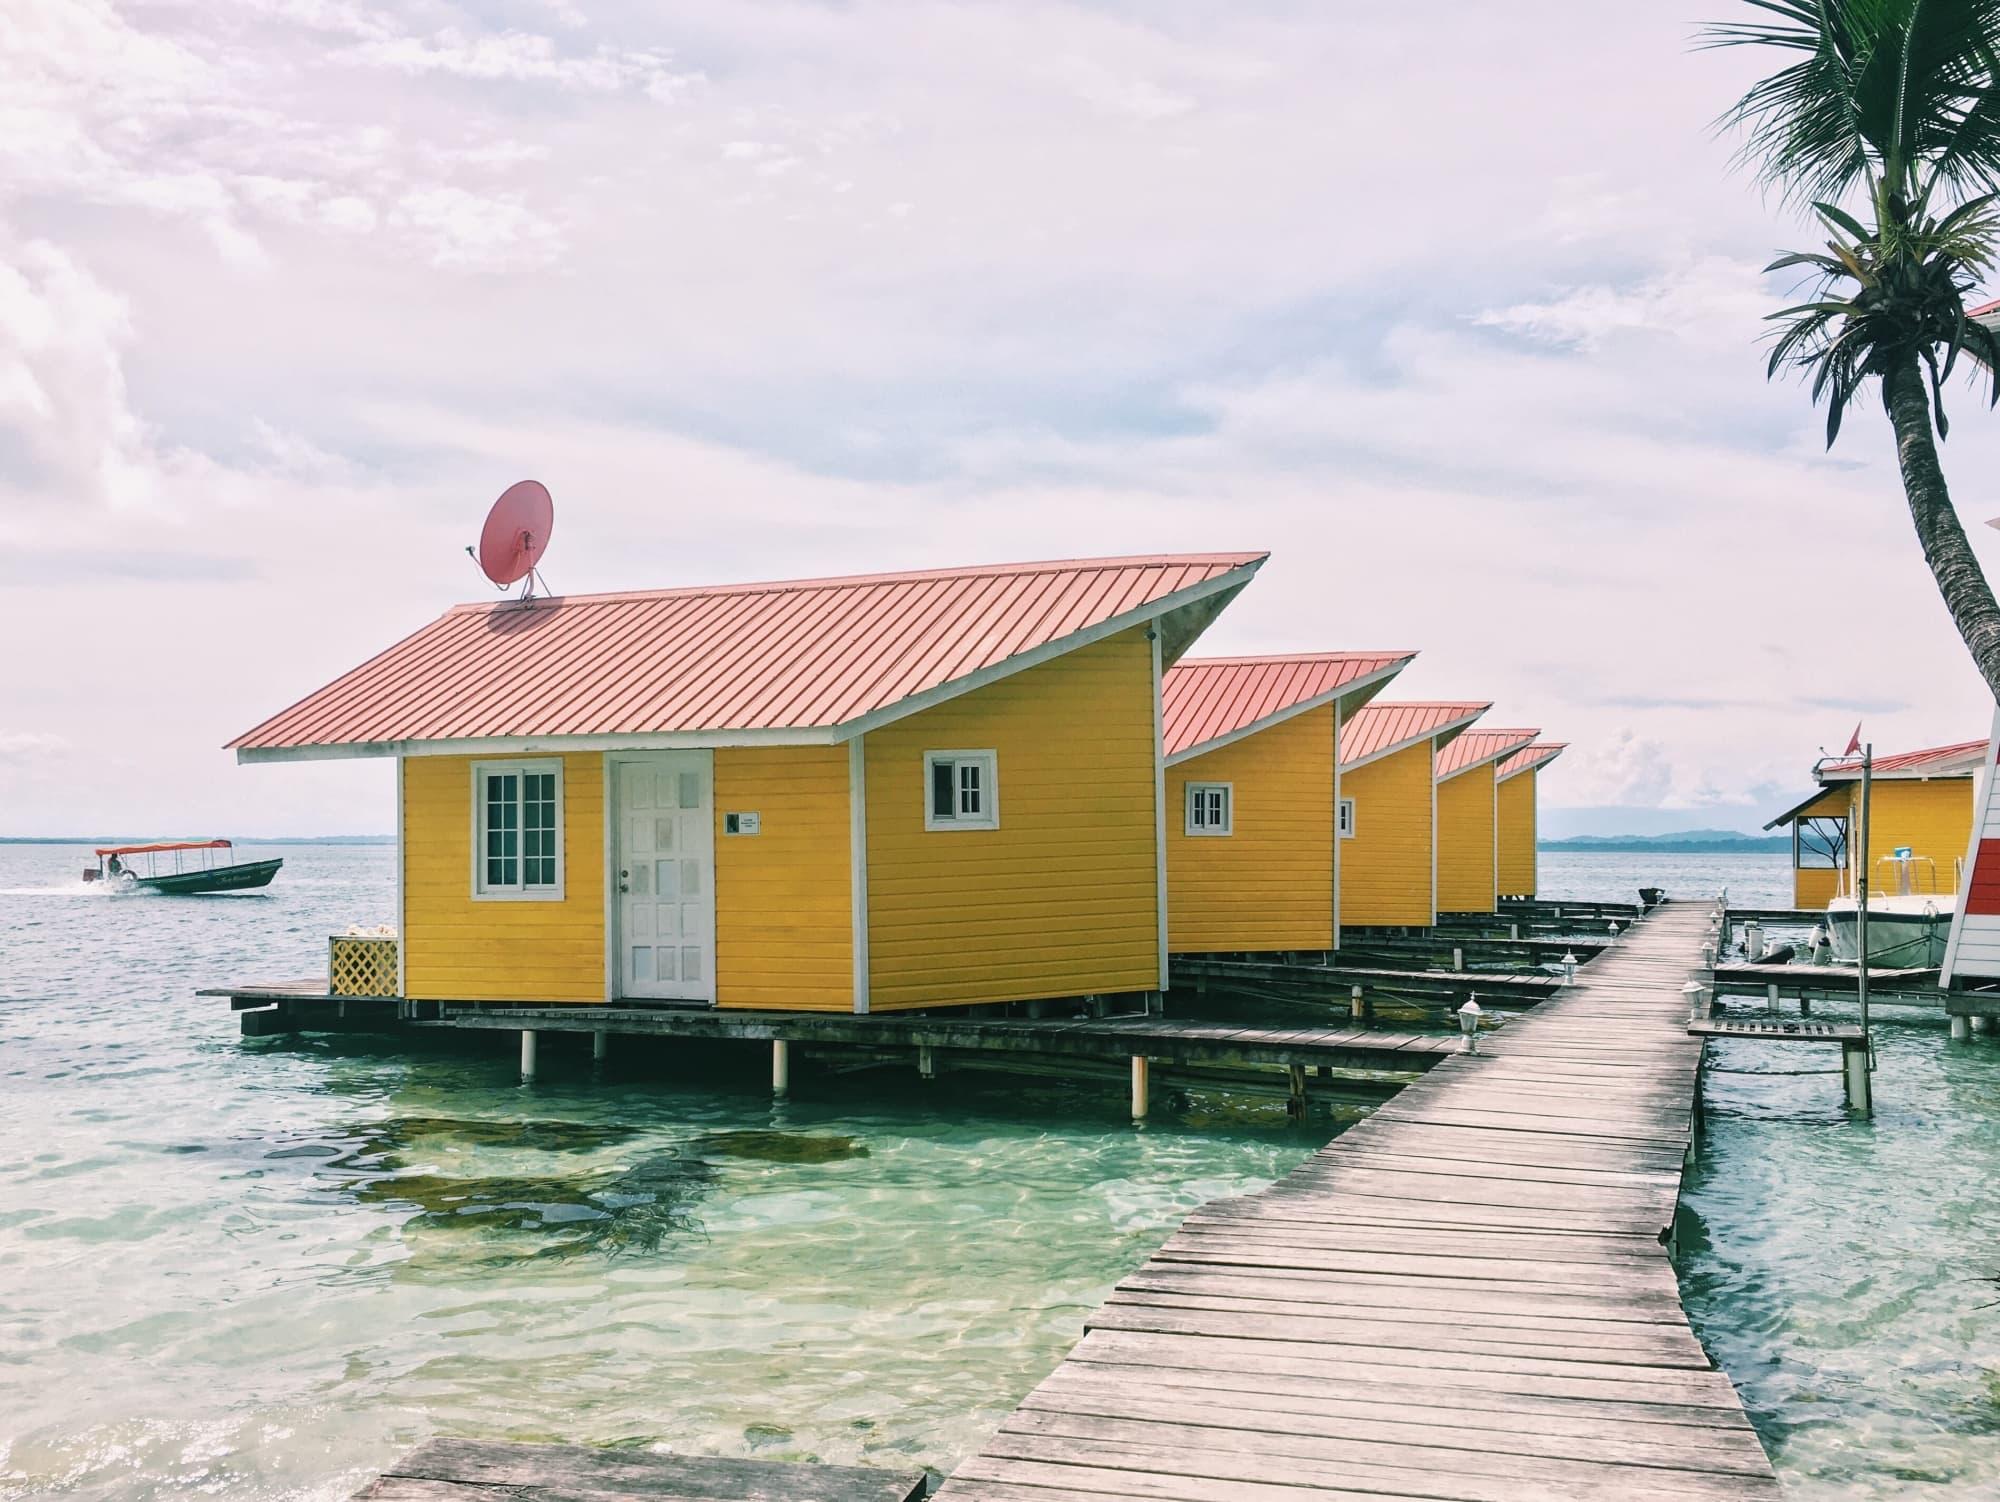 Gelbe Holzhütten auf Stelzen in der Karibik, Bocas del Toro